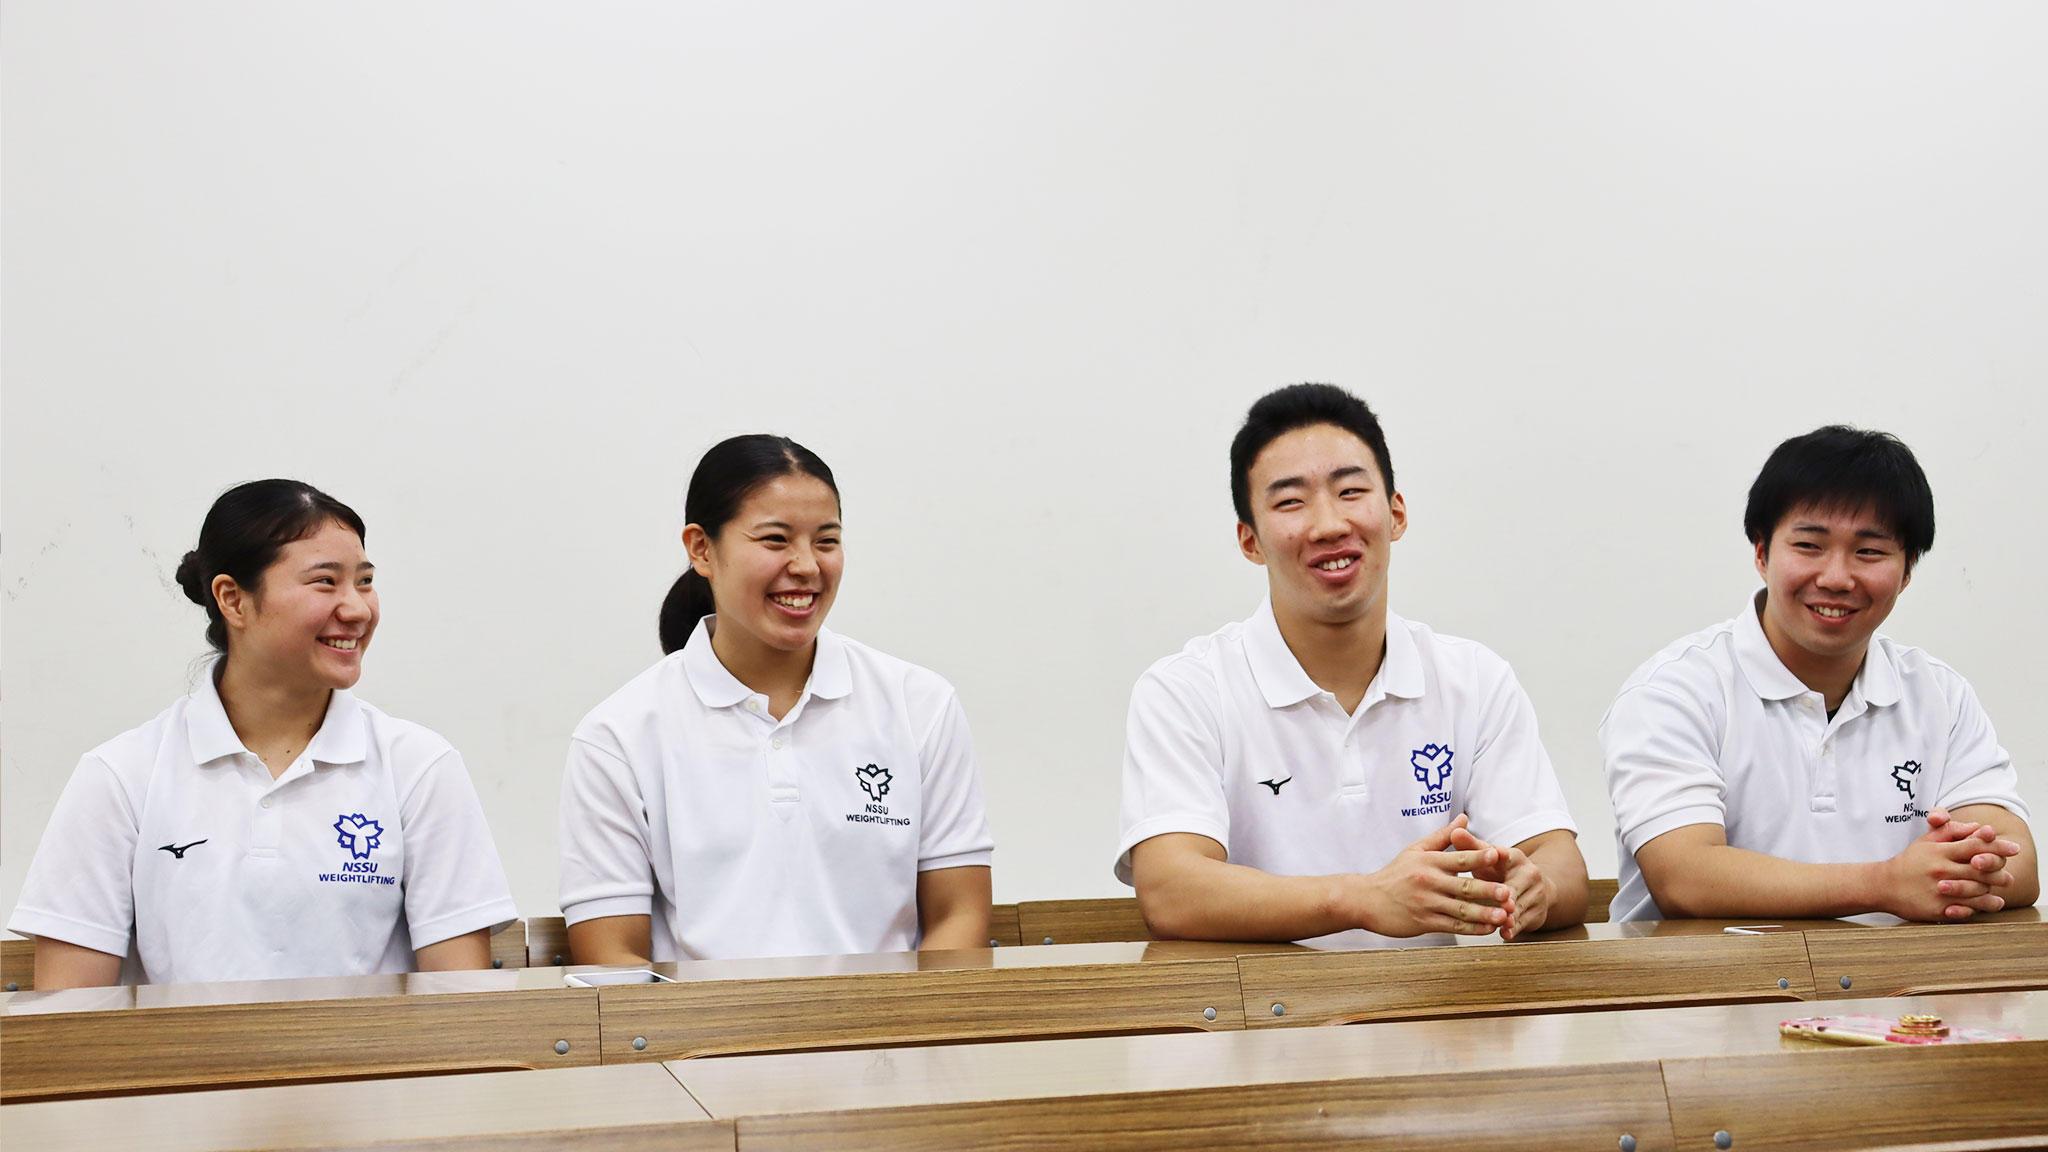 学生インタビュー「食生活と身体づくり」